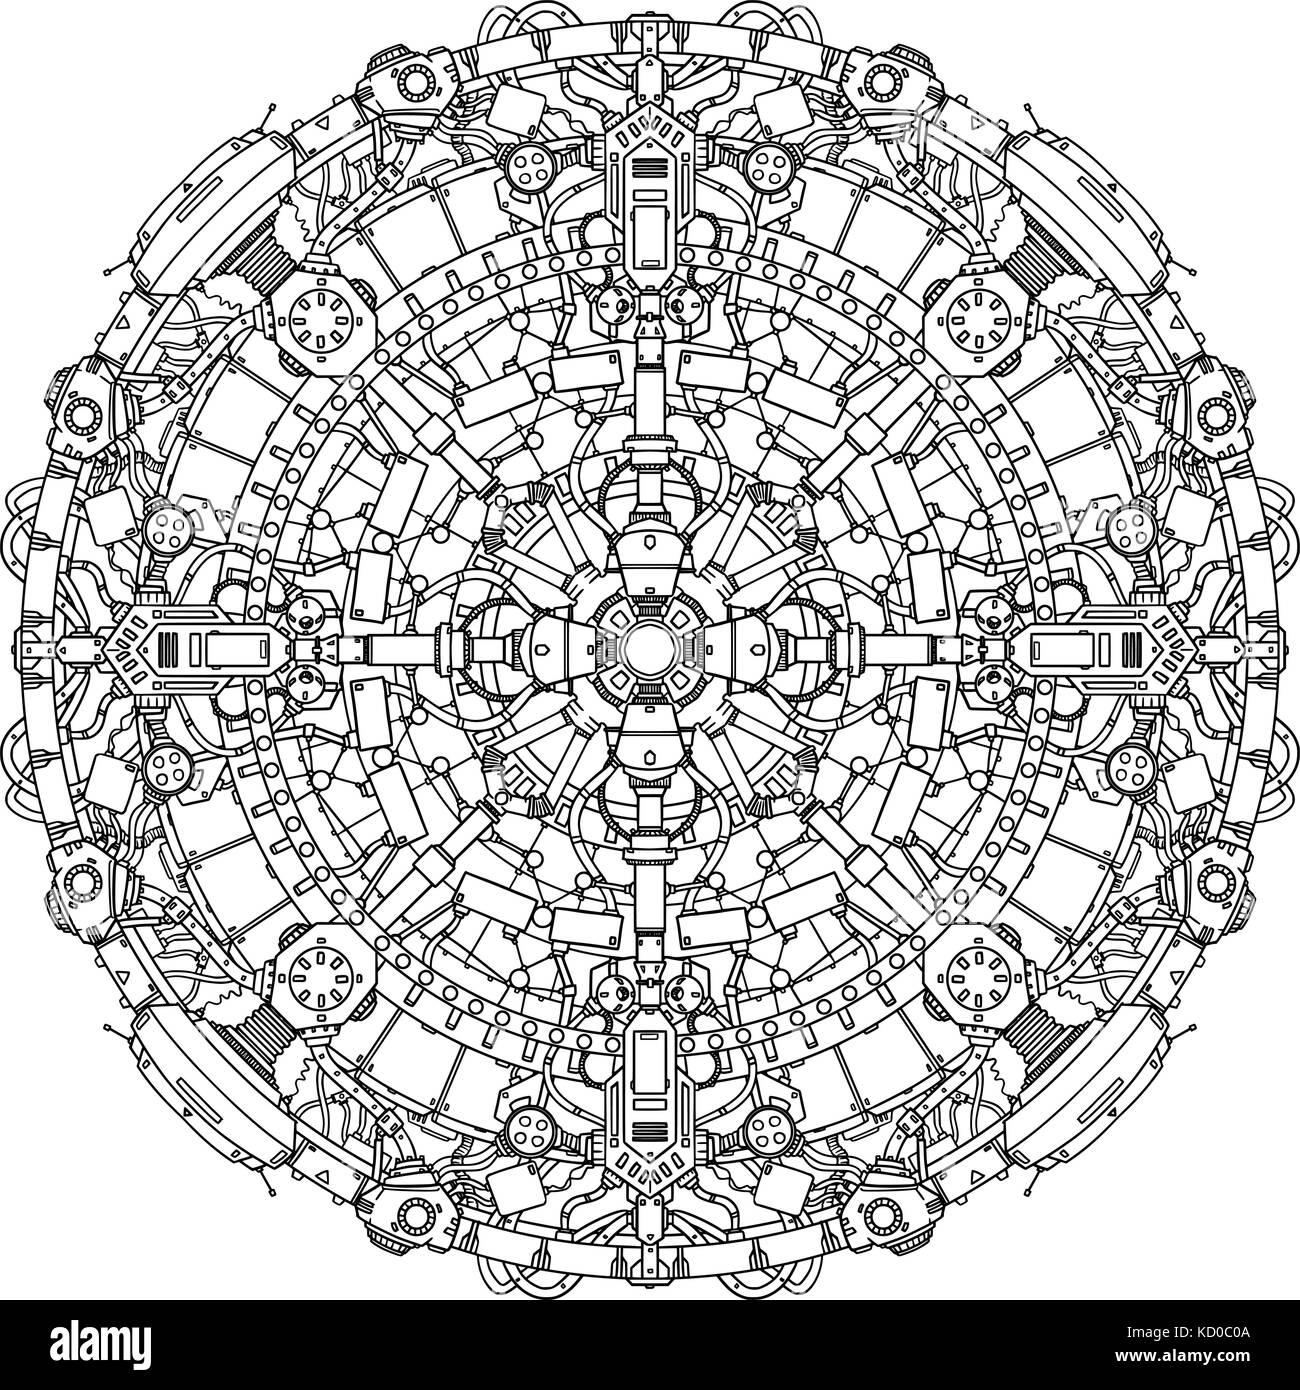 Round Ornamental Techno Sci-fi Mandala Pattern. - Stock Image